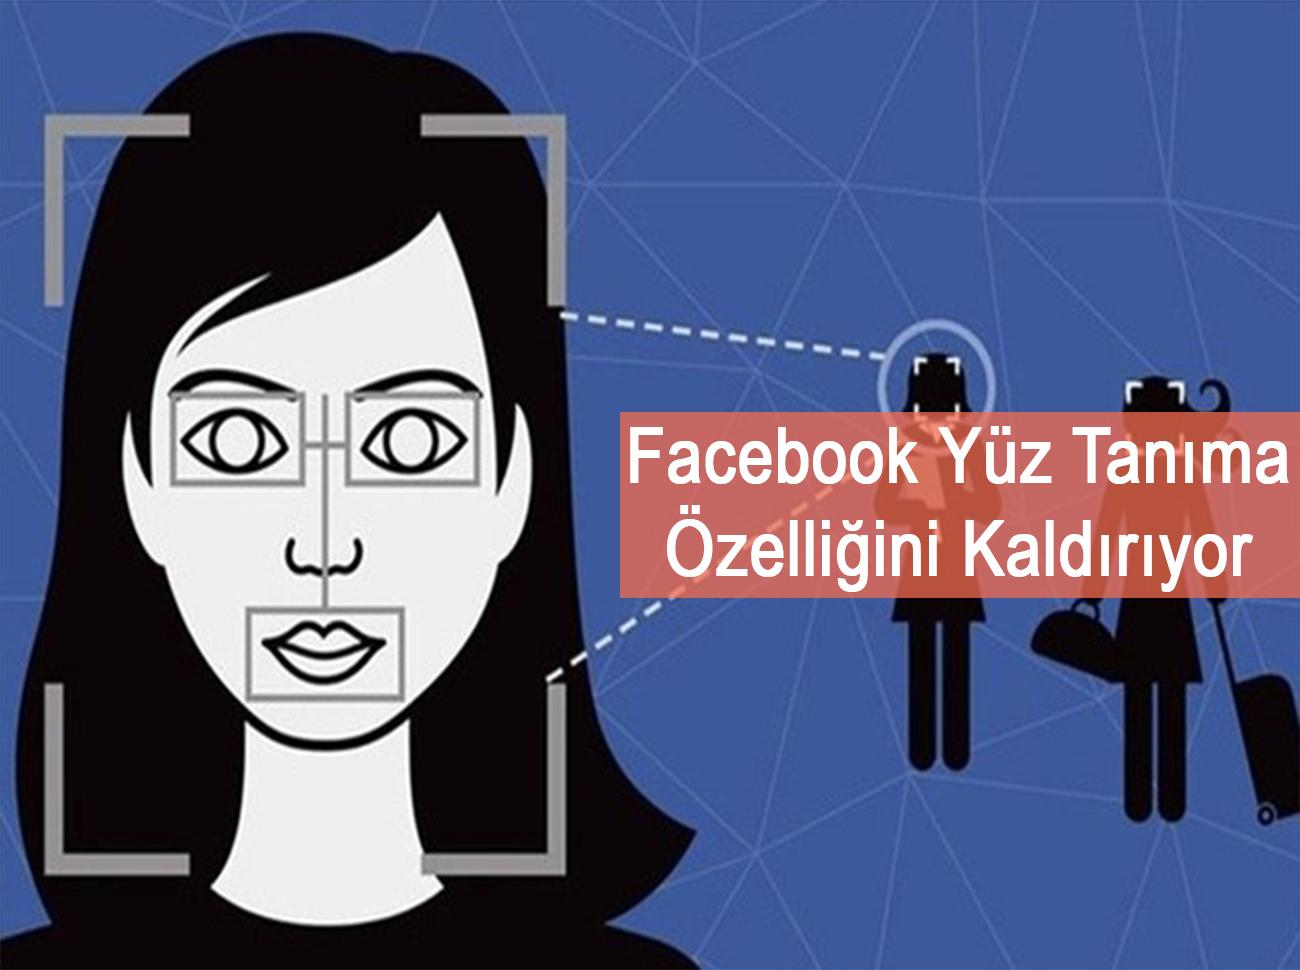 Facebook Yüz Tanıma Özelliği